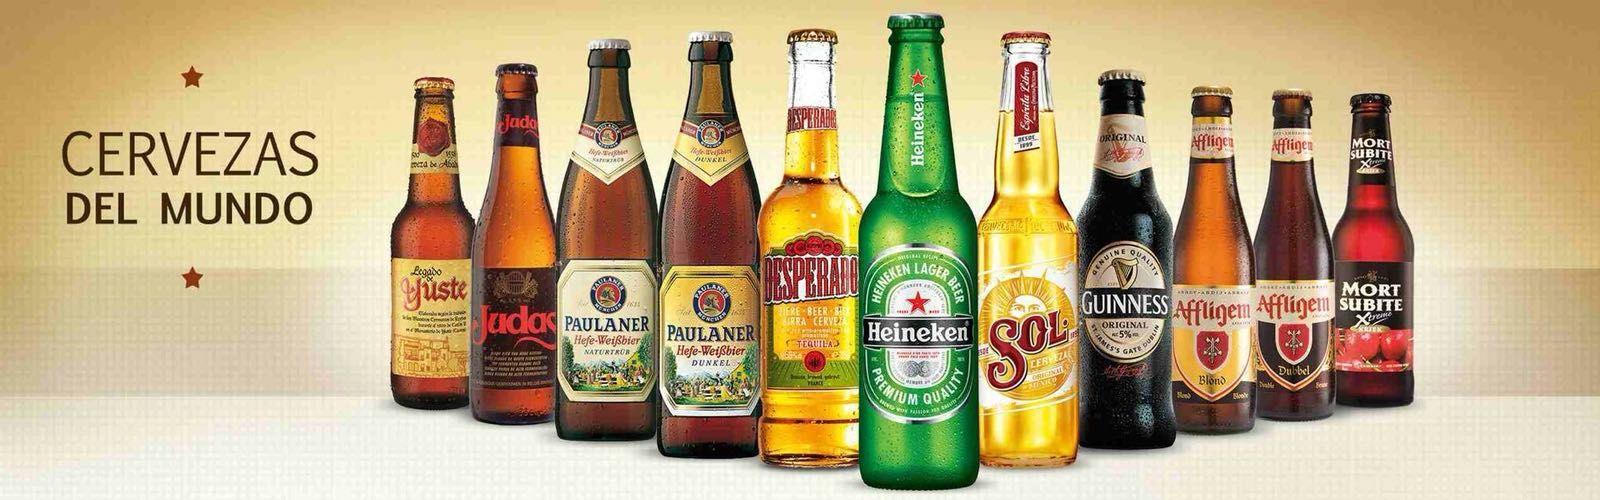 Cervezas: En nuestro local de Cervecería Ca'Melán